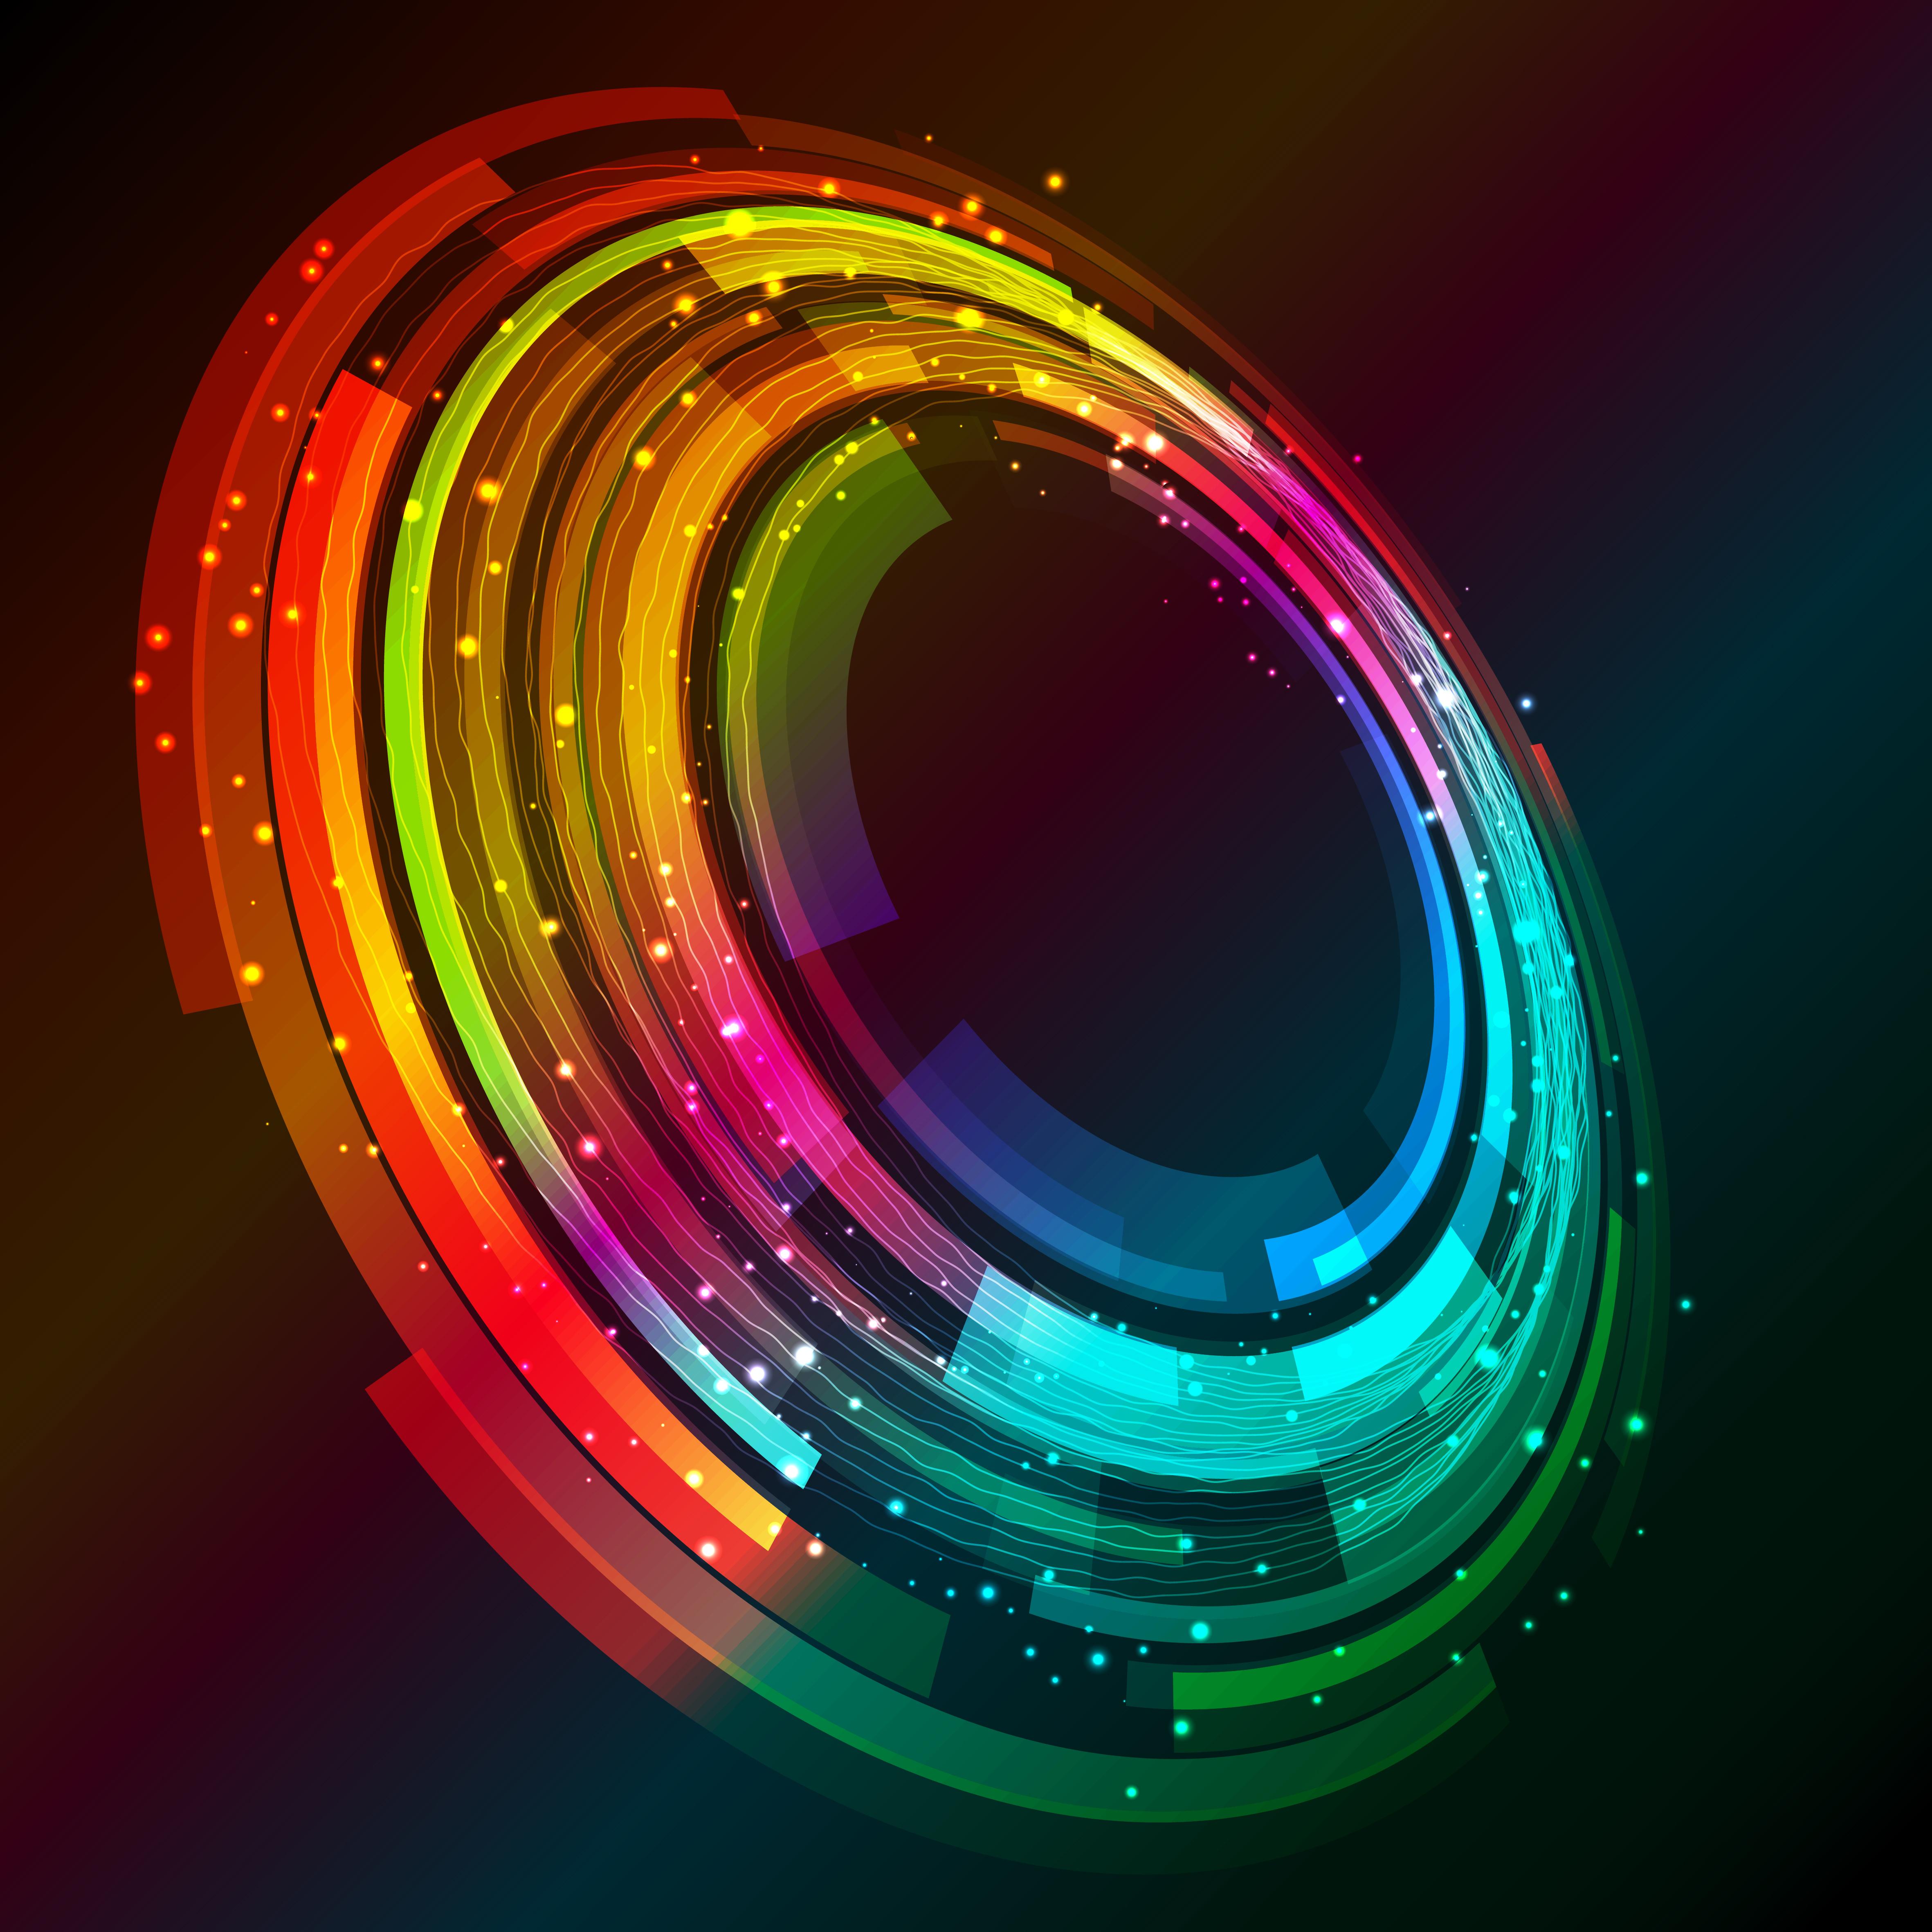 Abstract Circle Rotation 4k, HD Abstract, 4k Wallpapers